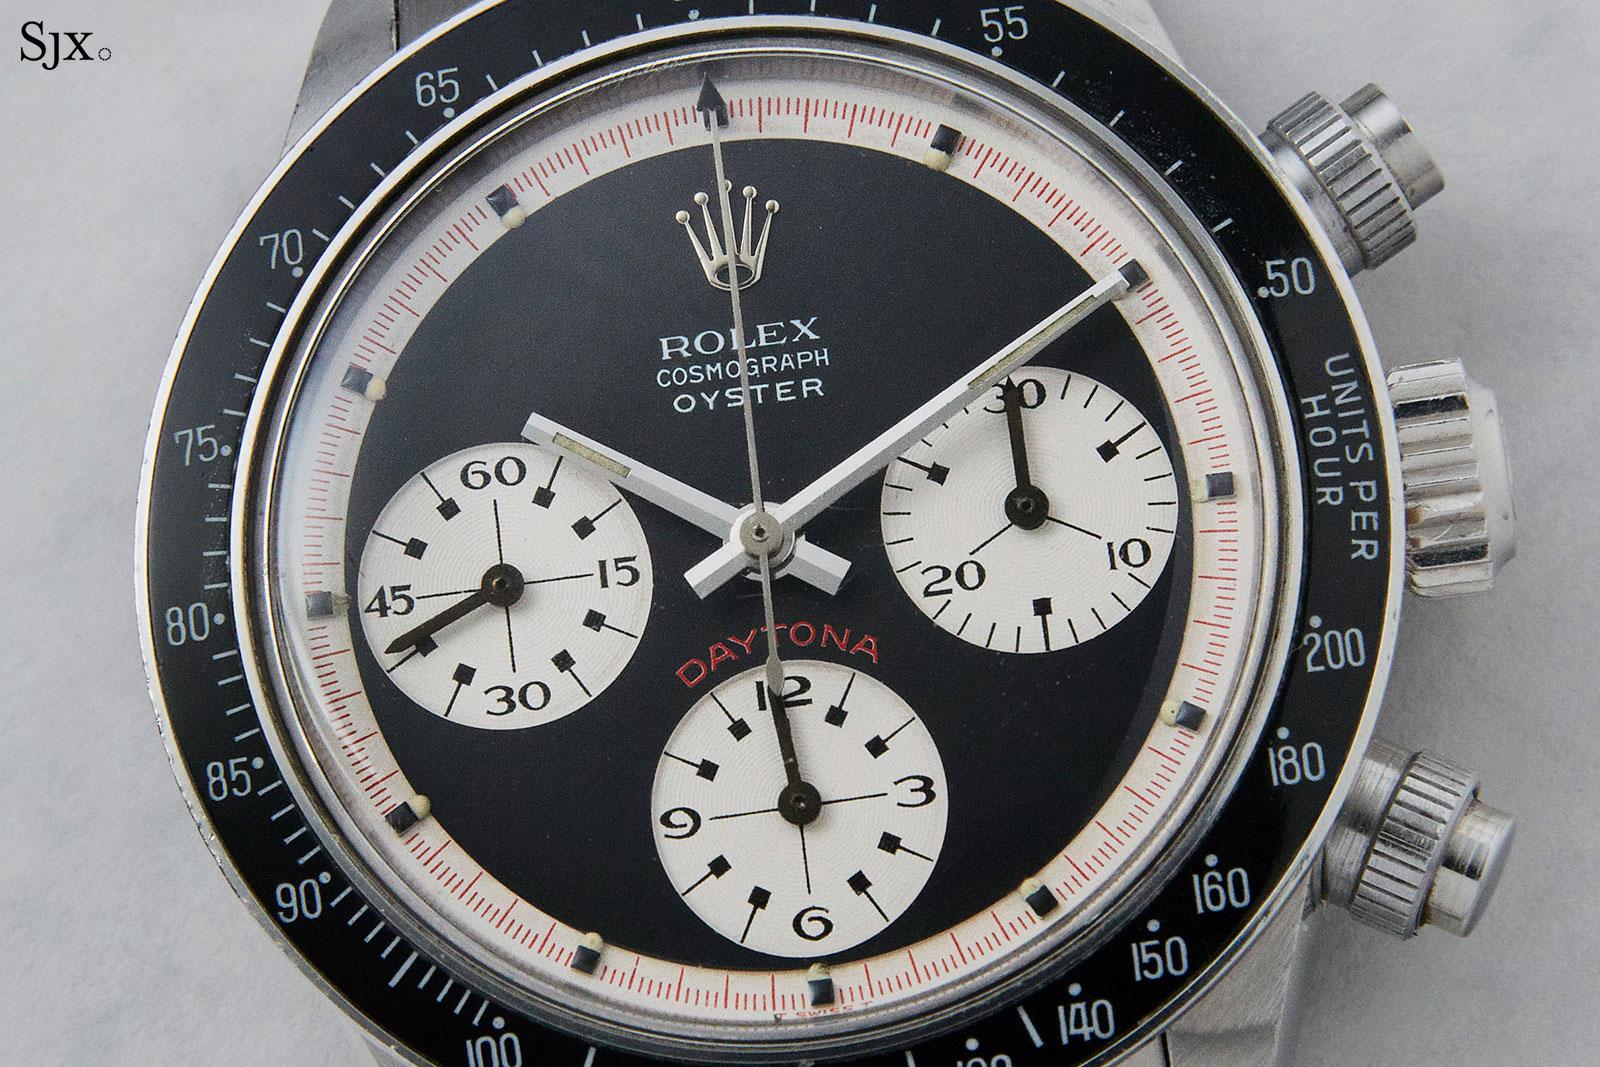 Rolex Daytona 6263 Oyster Sotto RCO 1